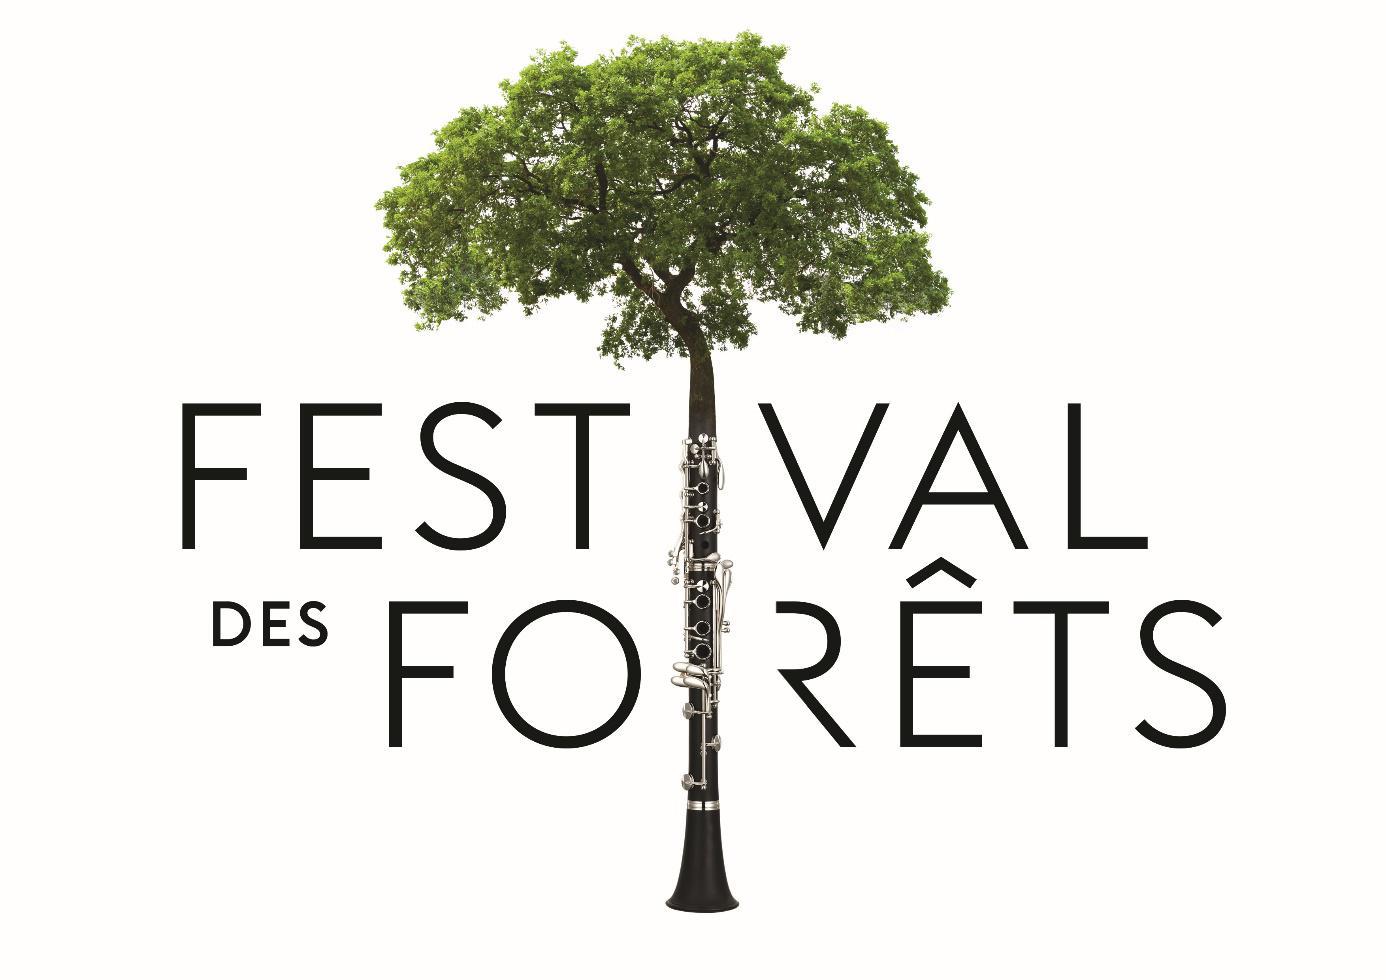 26th Festival des forêts: let's play!